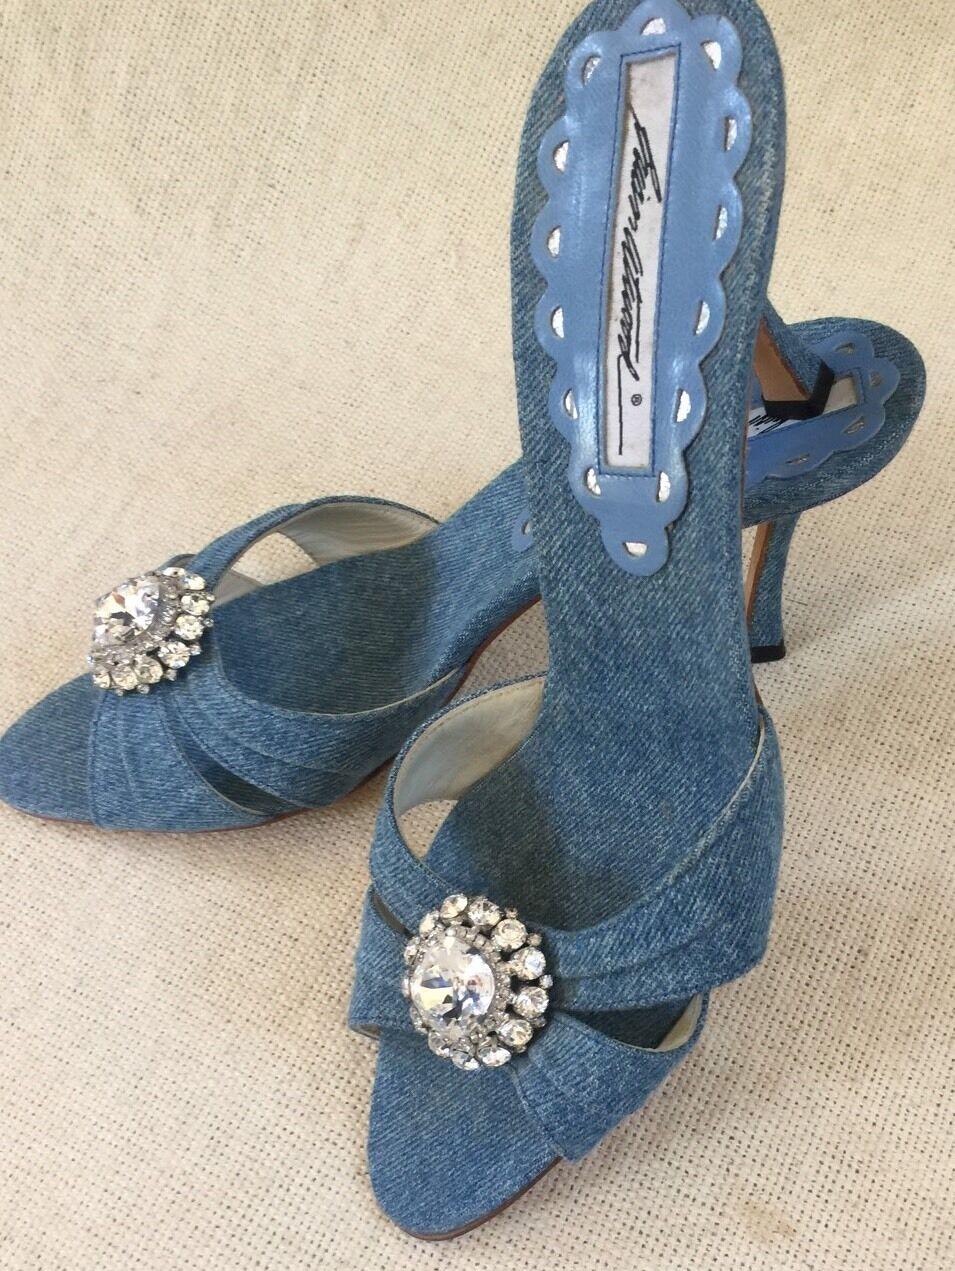 New New New Brian Atwood bluee Denim Peektoe Slides Heels Rhinestone Flower Accent sz 38 bda232